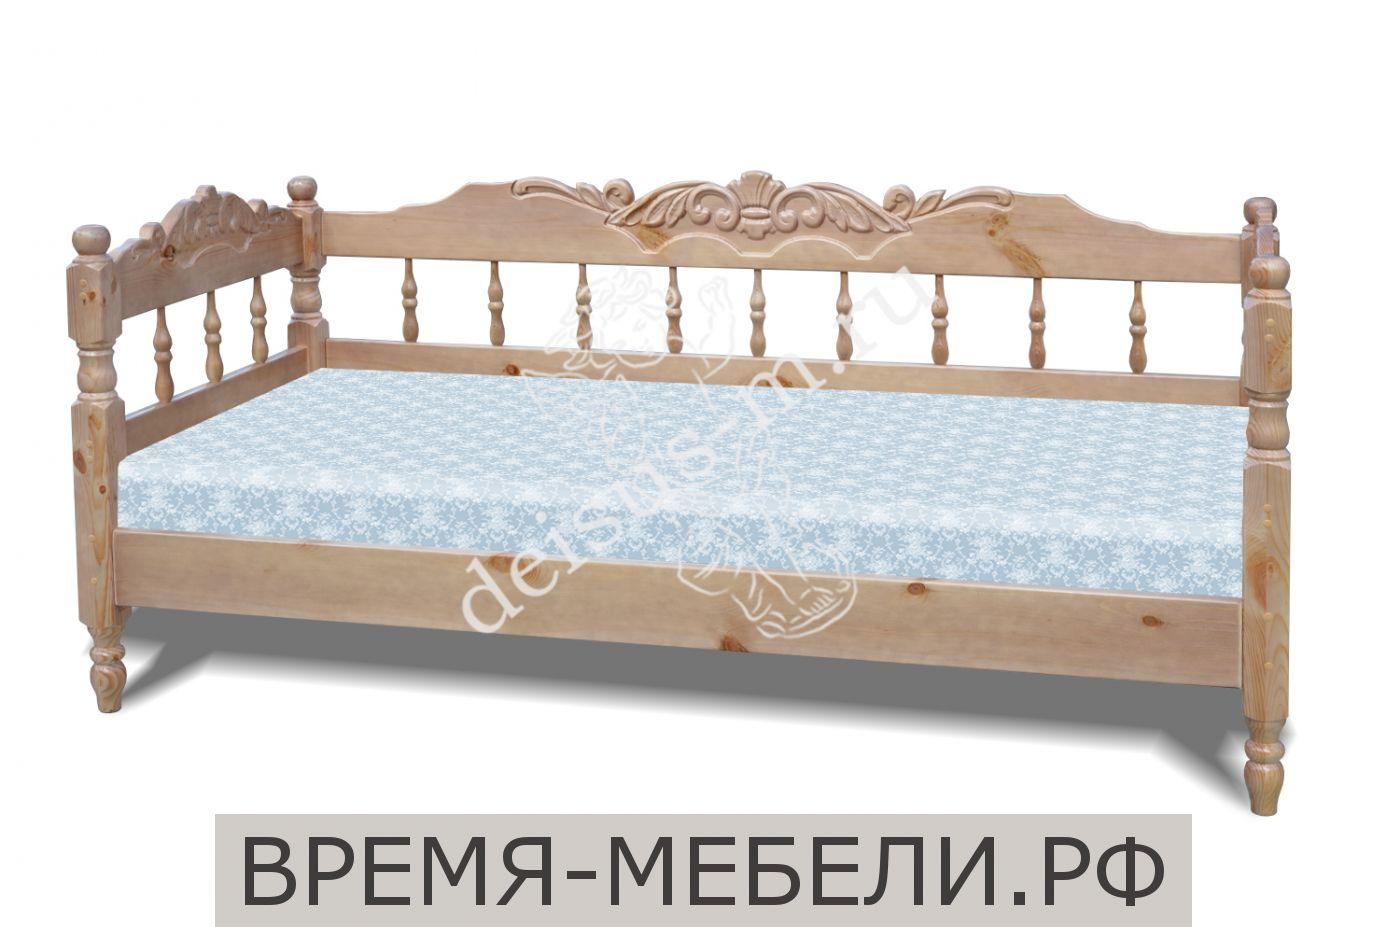 Кровать Адель-М 3 спинки